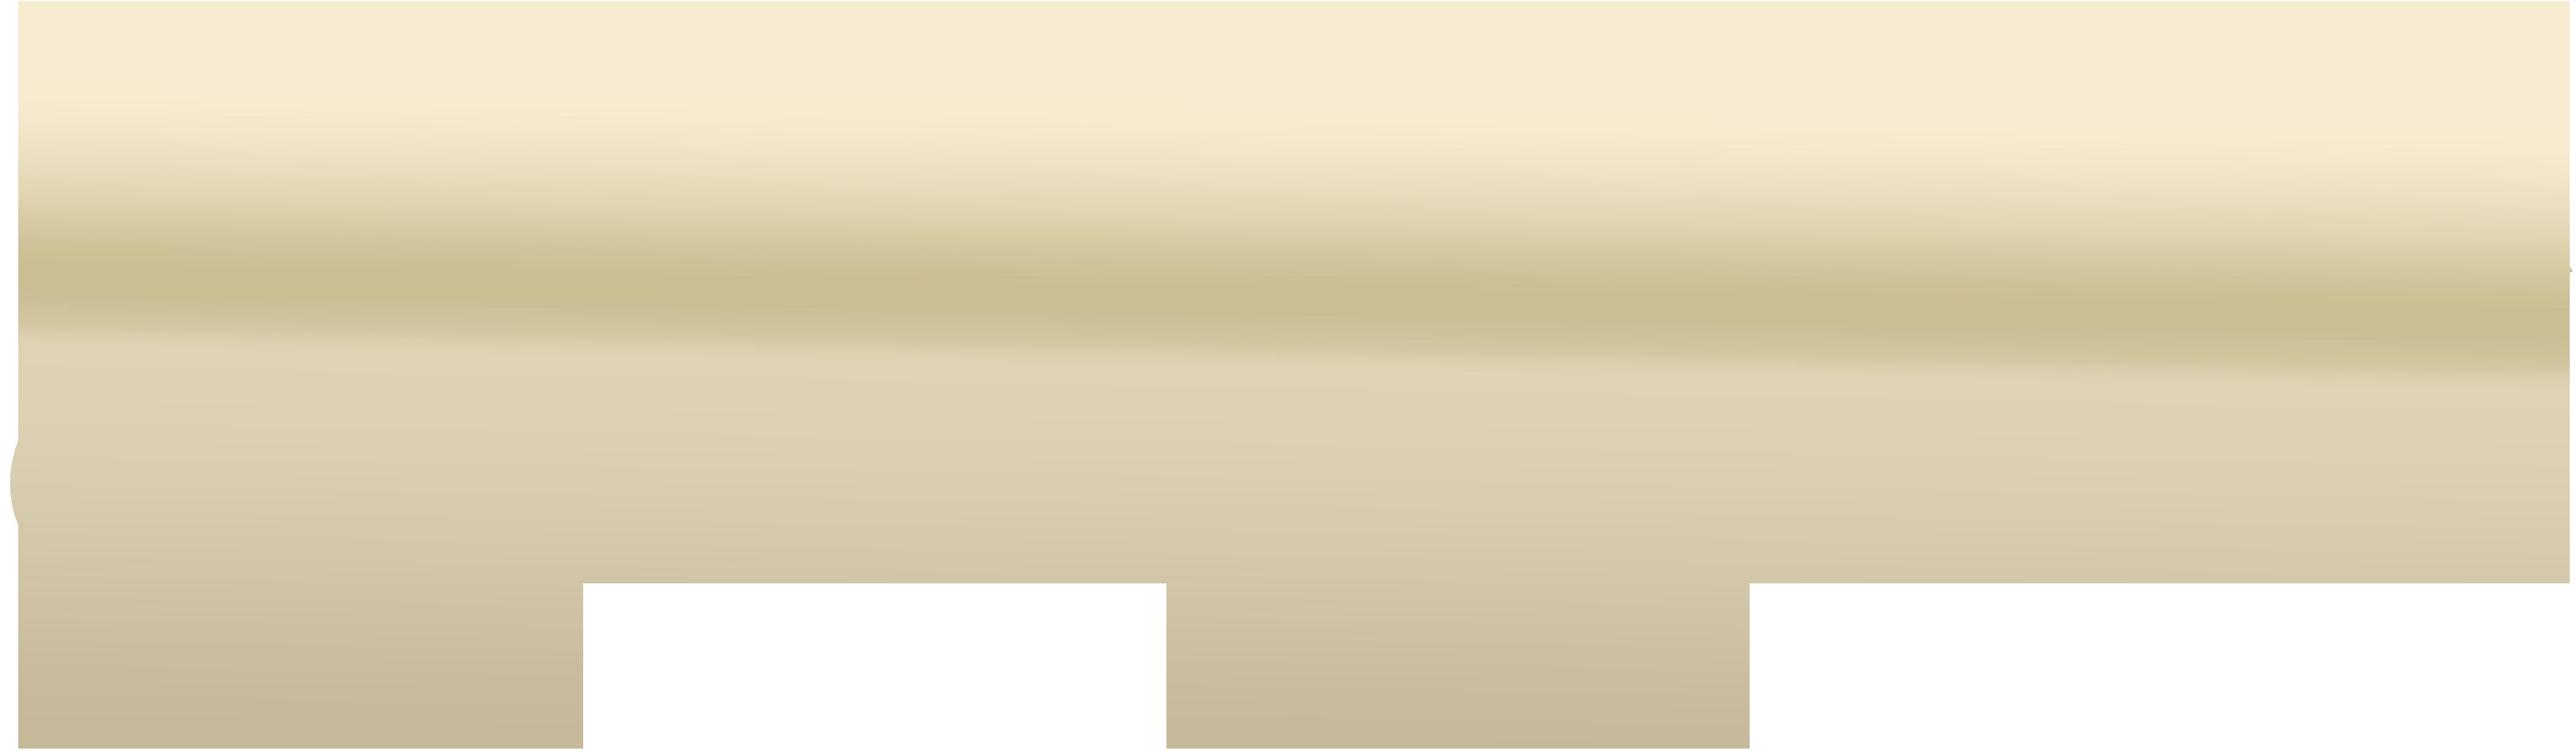 Sarah Ireland Photography